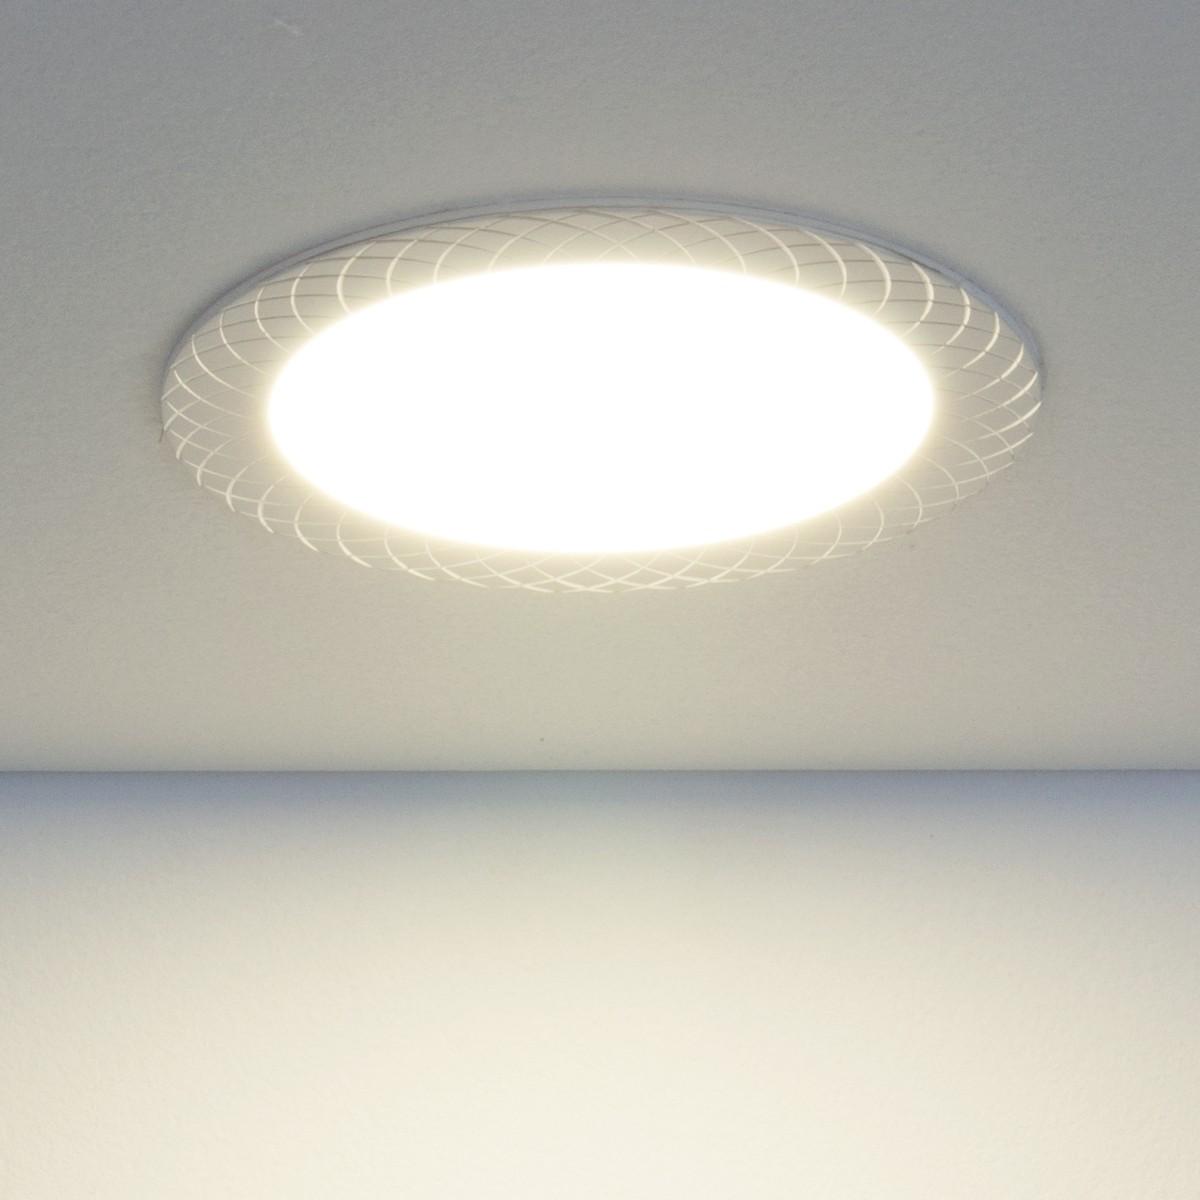 Фото Встраиваемый светильник Elektrostandard Downlight a035363